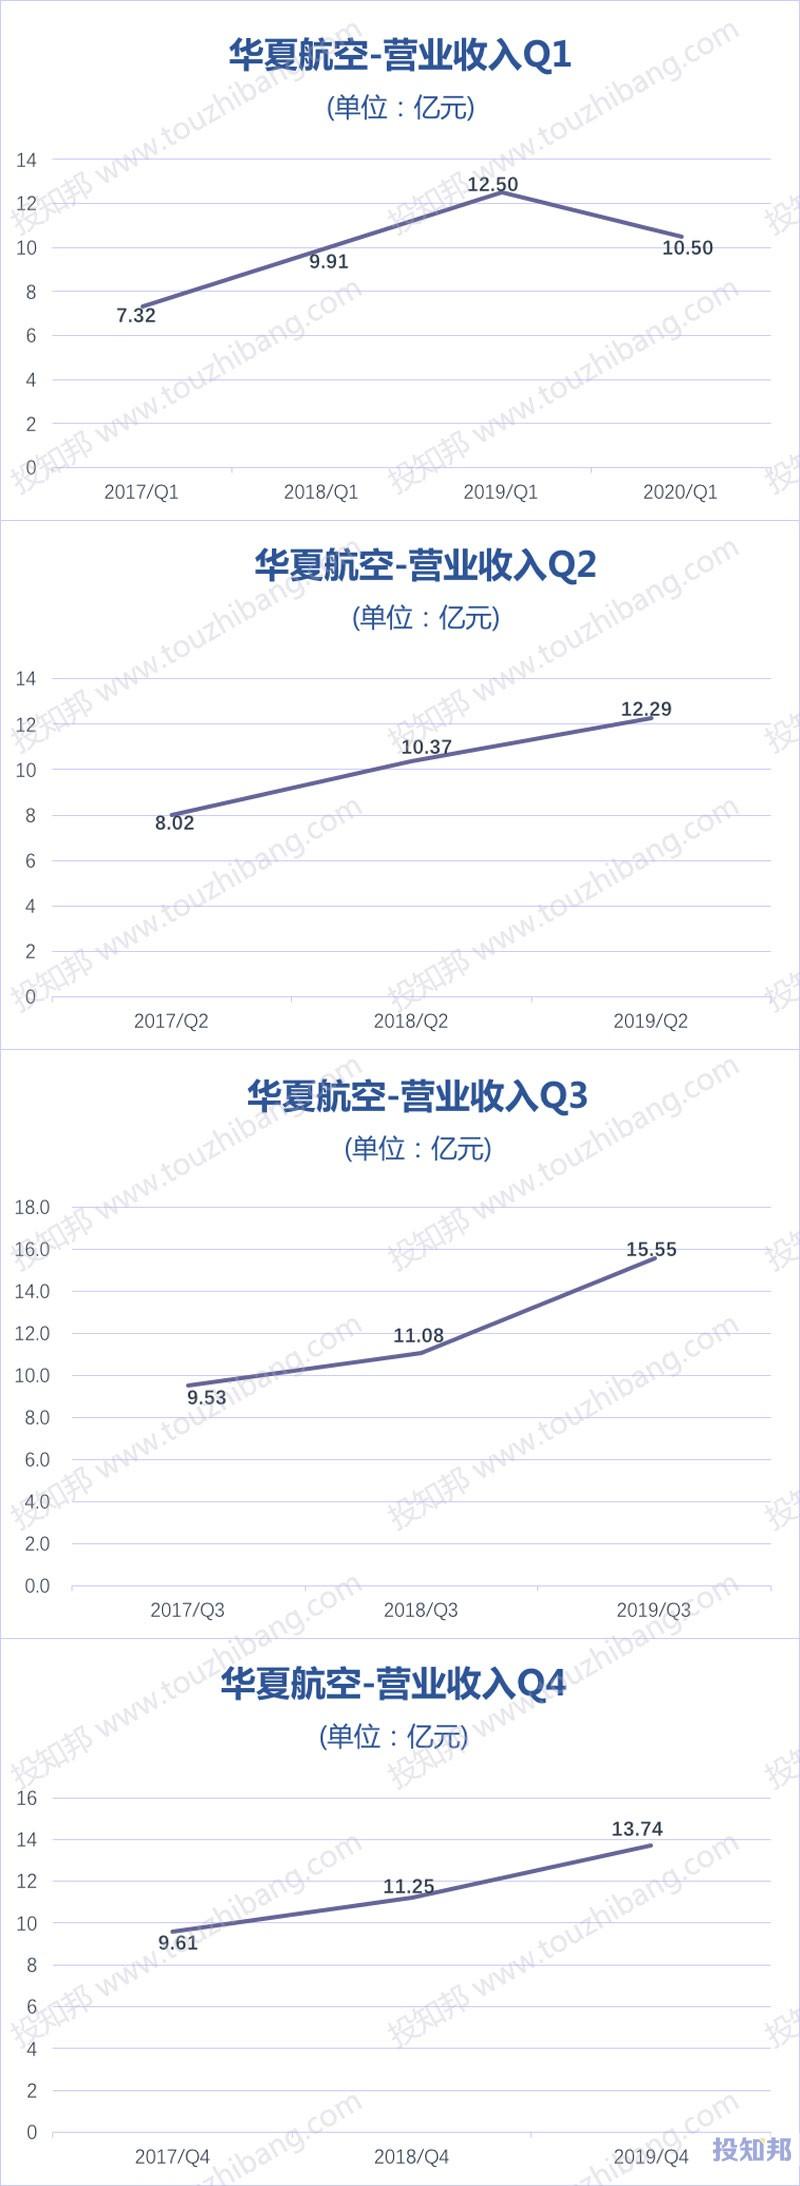 华夏航空(002928)财报数据图示(2017年~2020年Q1,更新)